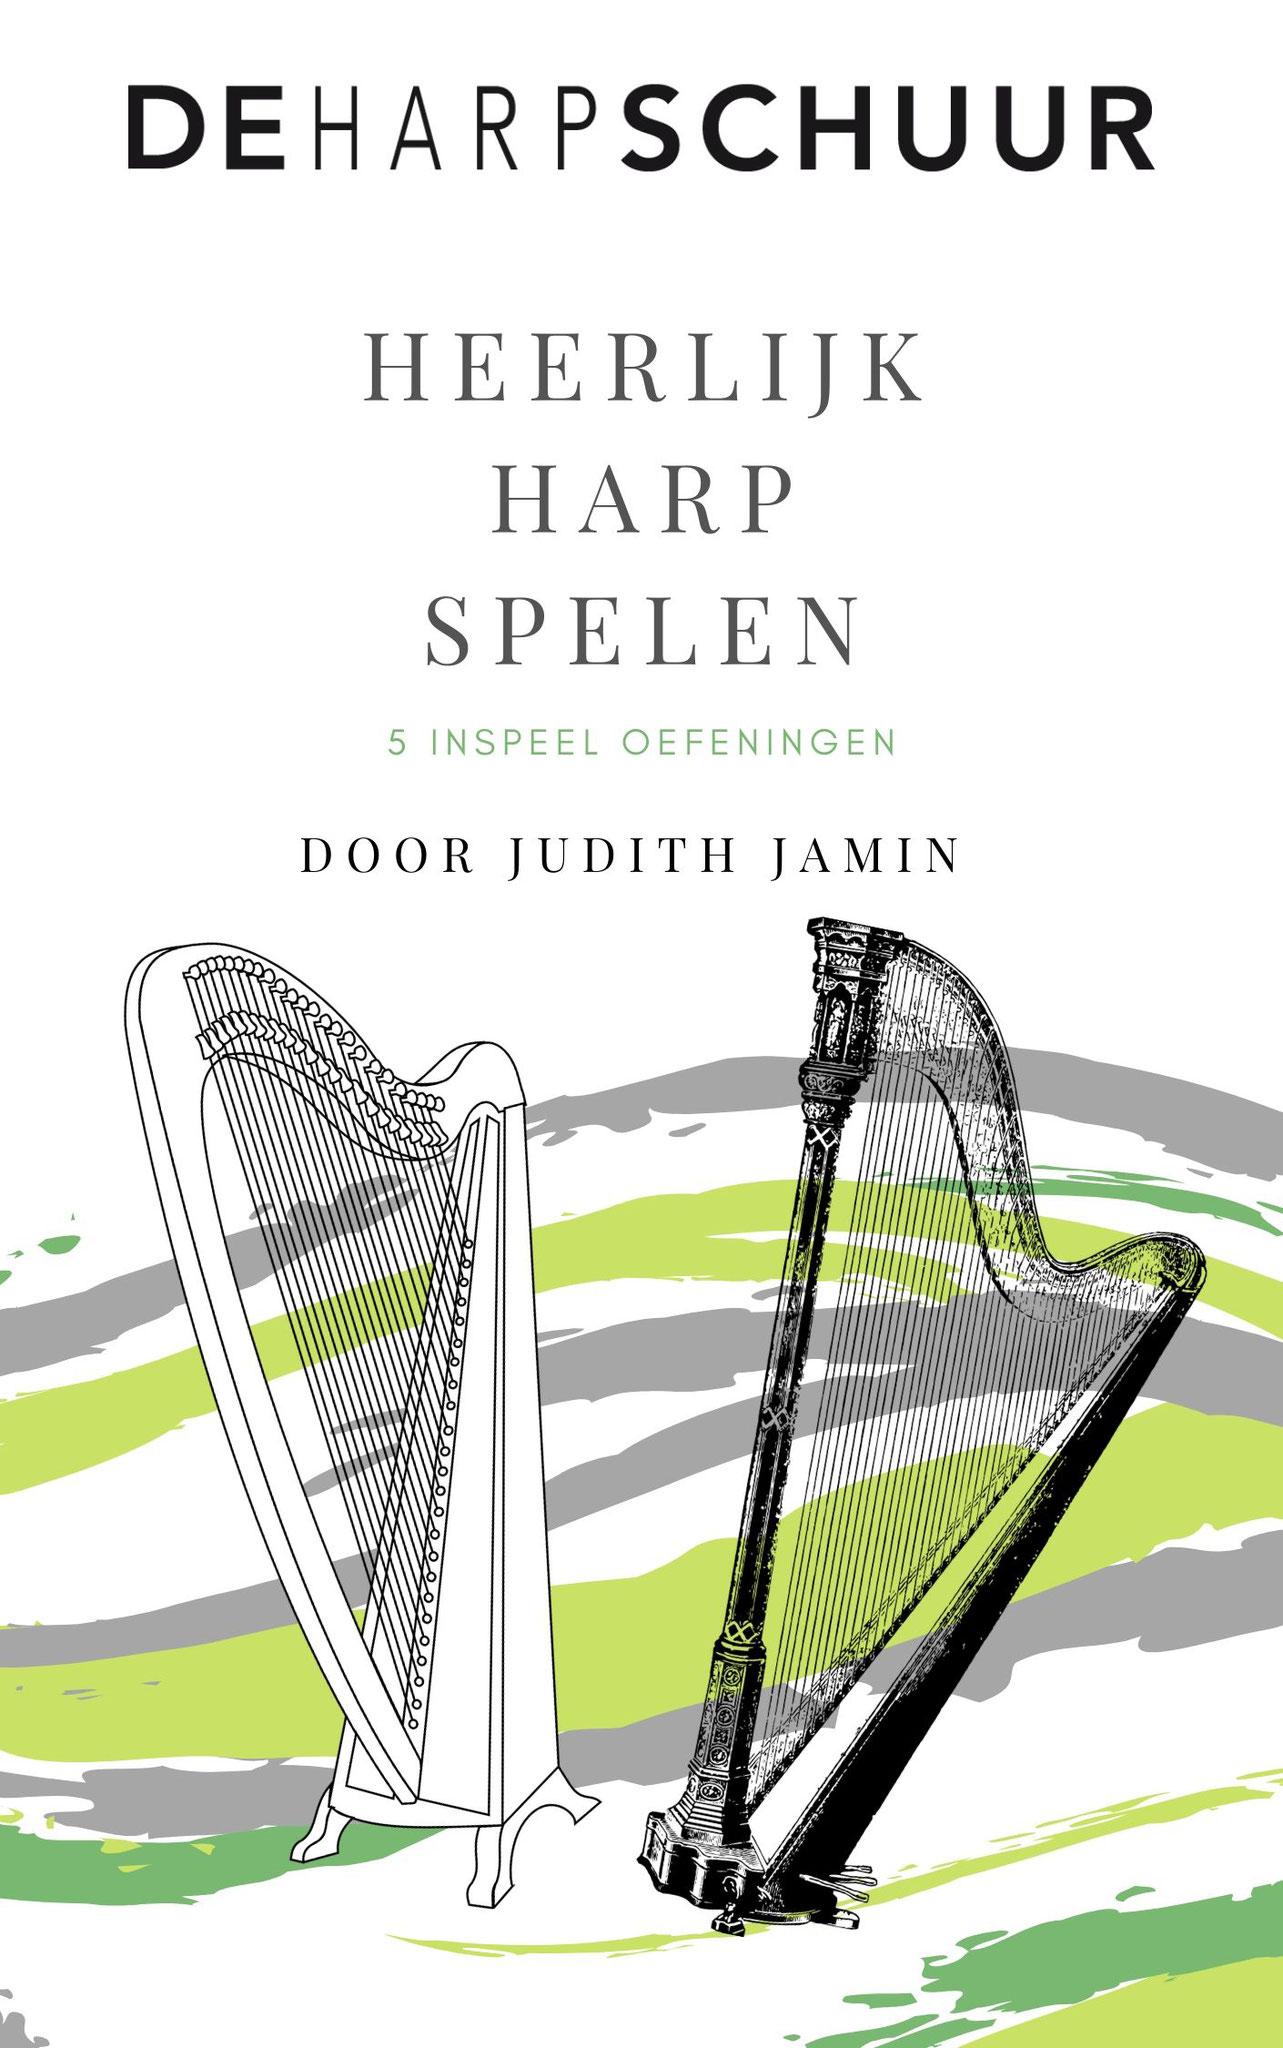 Ontvang 5 weken lang iedere week een heerlijke inspeel oefening, speciaal voor startende harpisten.